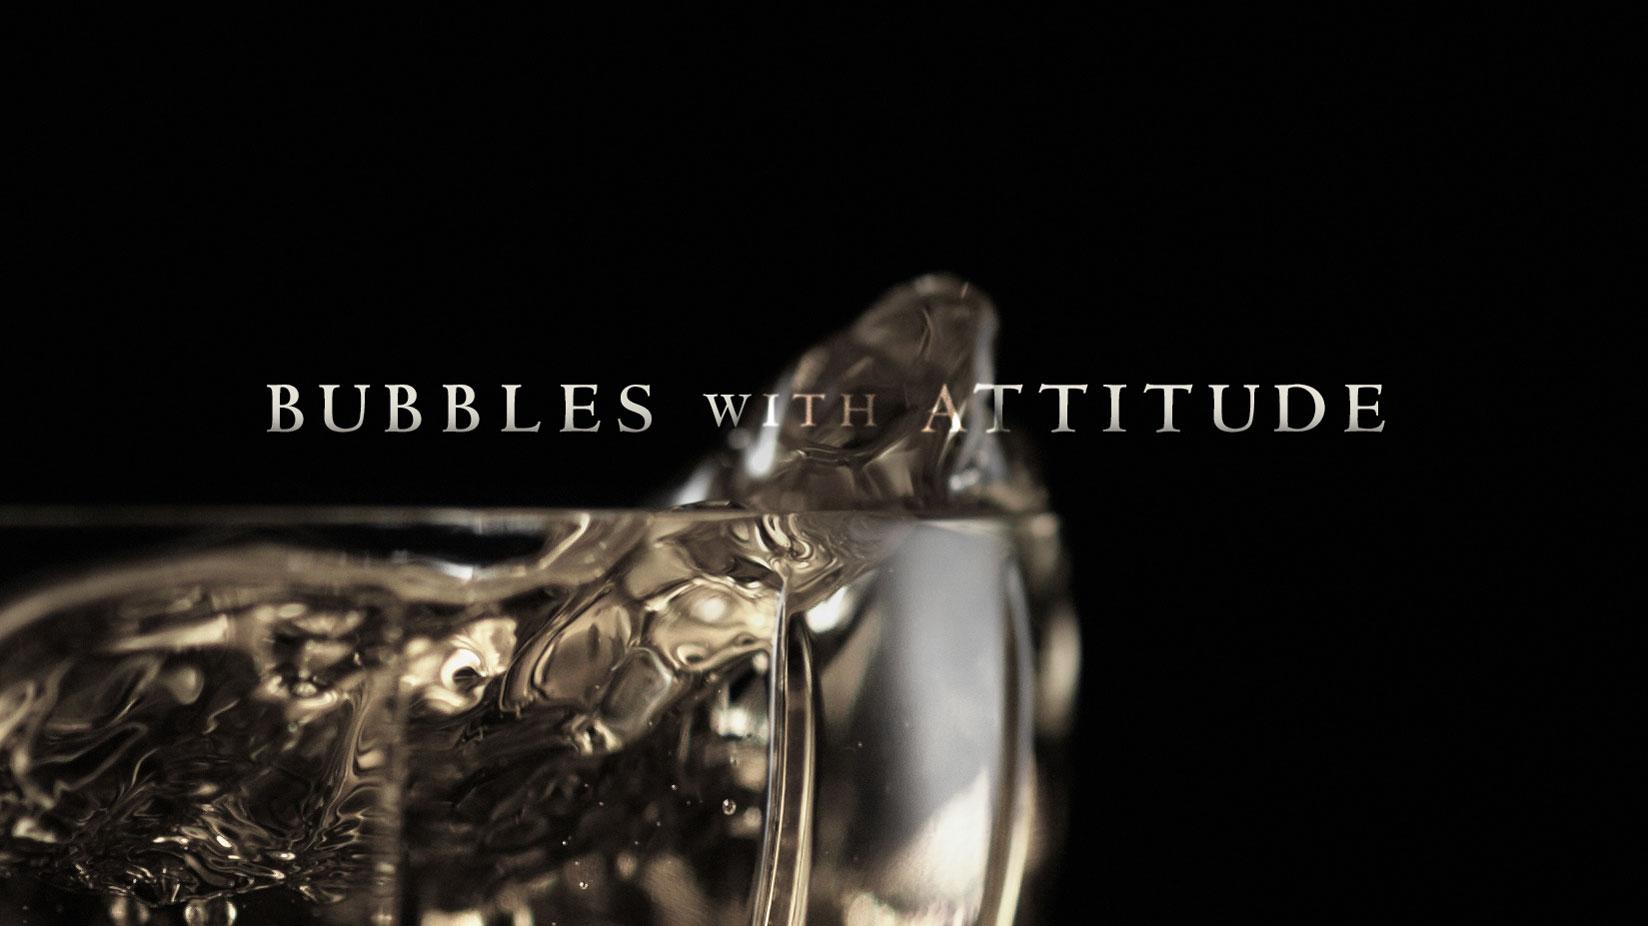 BubblesWithAttitude.jpg